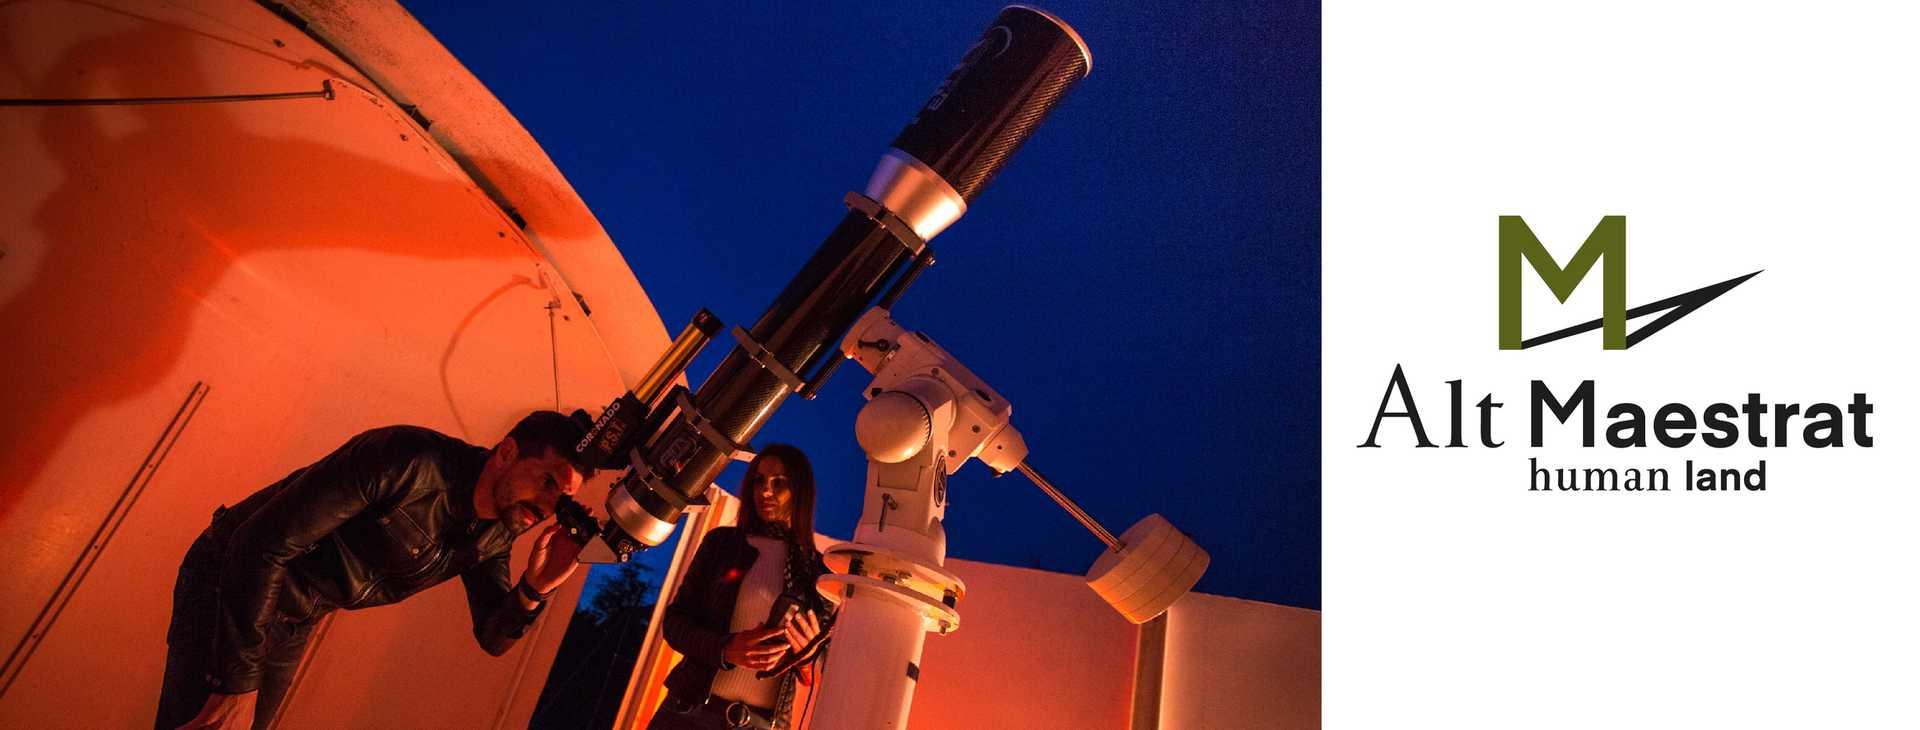 visita a astromaestrat